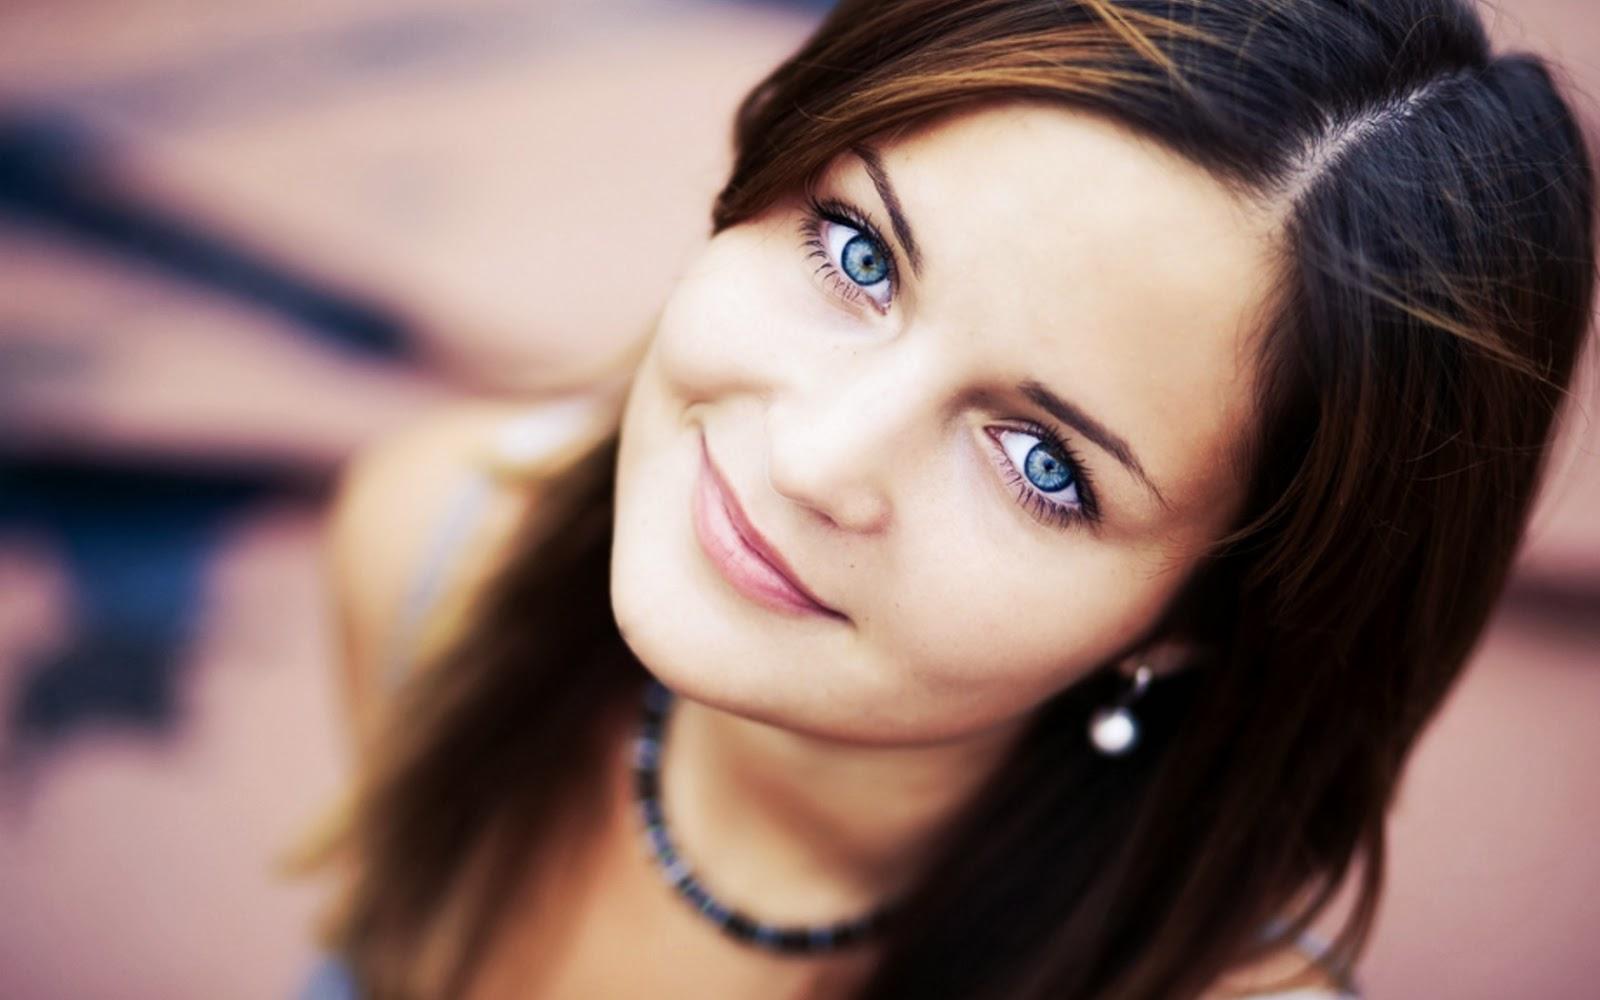 بالصور صور اجمل النساء , اجمل نساء العالم 3550 6